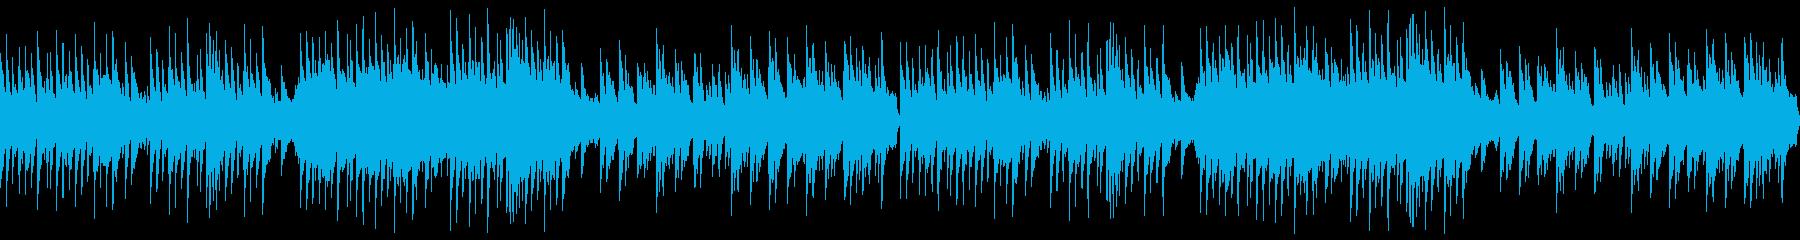 ゆったり優美な和風曲 (ループ)の再生済みの波形